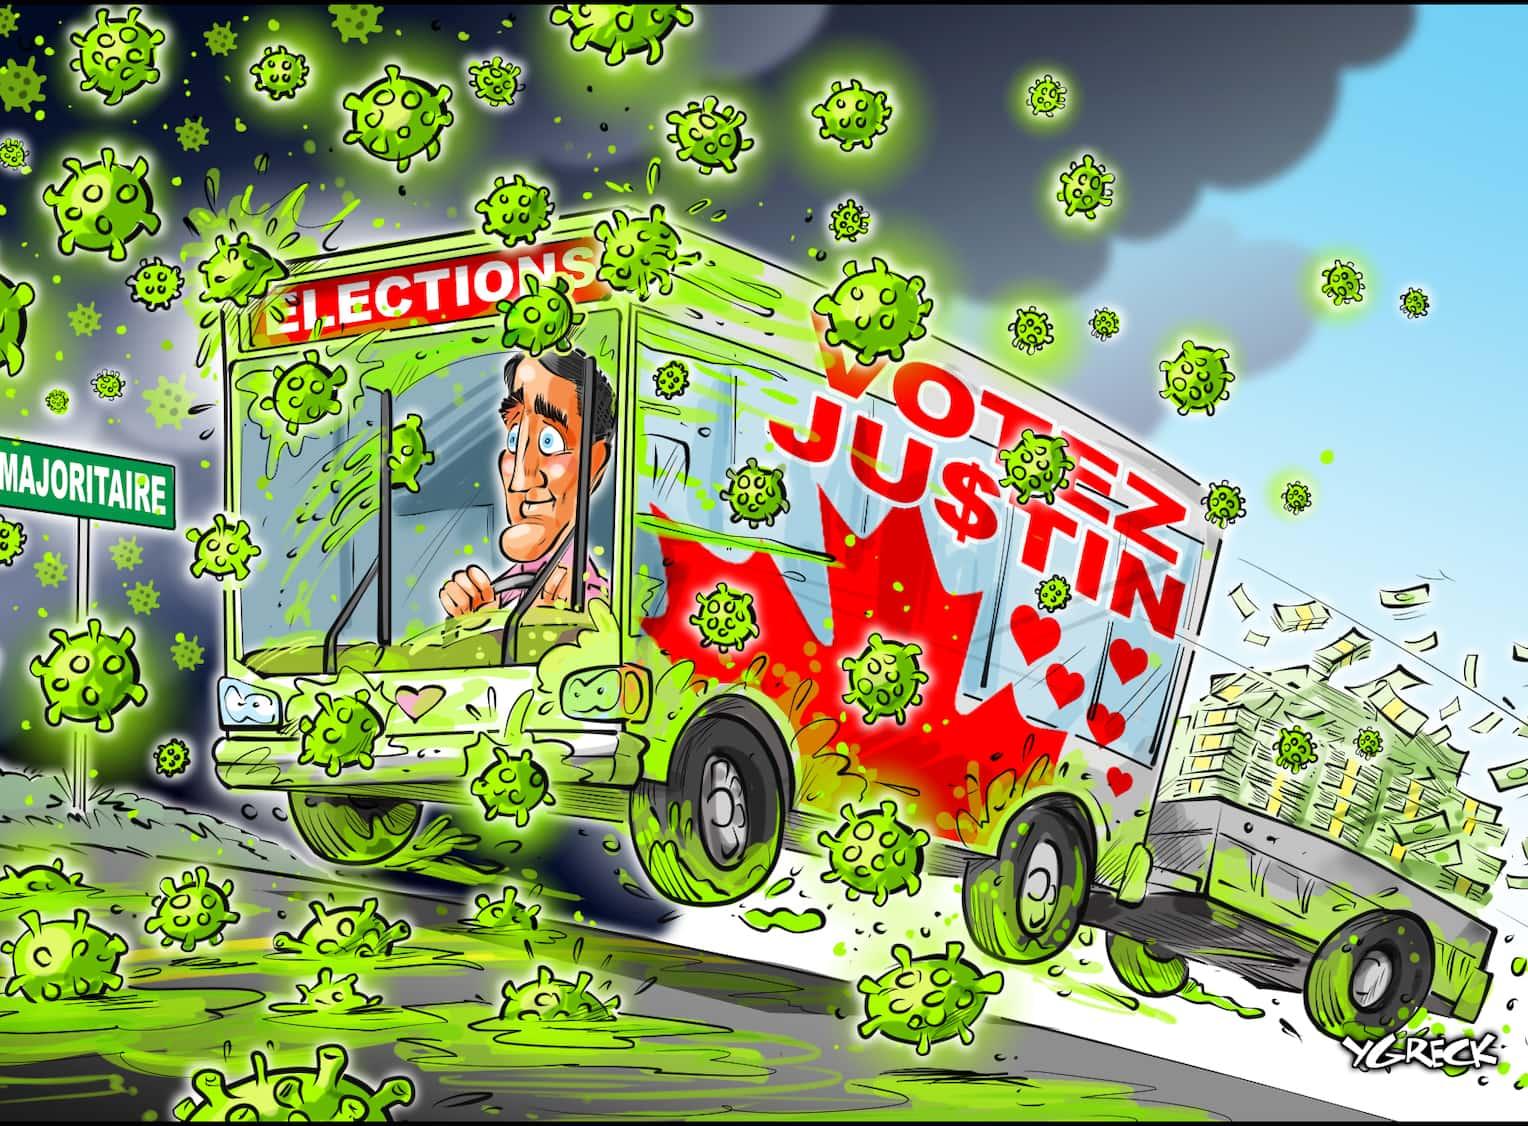 CARICATURES : politiques, judiciaires, sportives ... etc.    (suite 2) - Page 24 Trudeau_bus_copie58361500-aa77-43fe-b681-686708831d1a_ORIGINAL